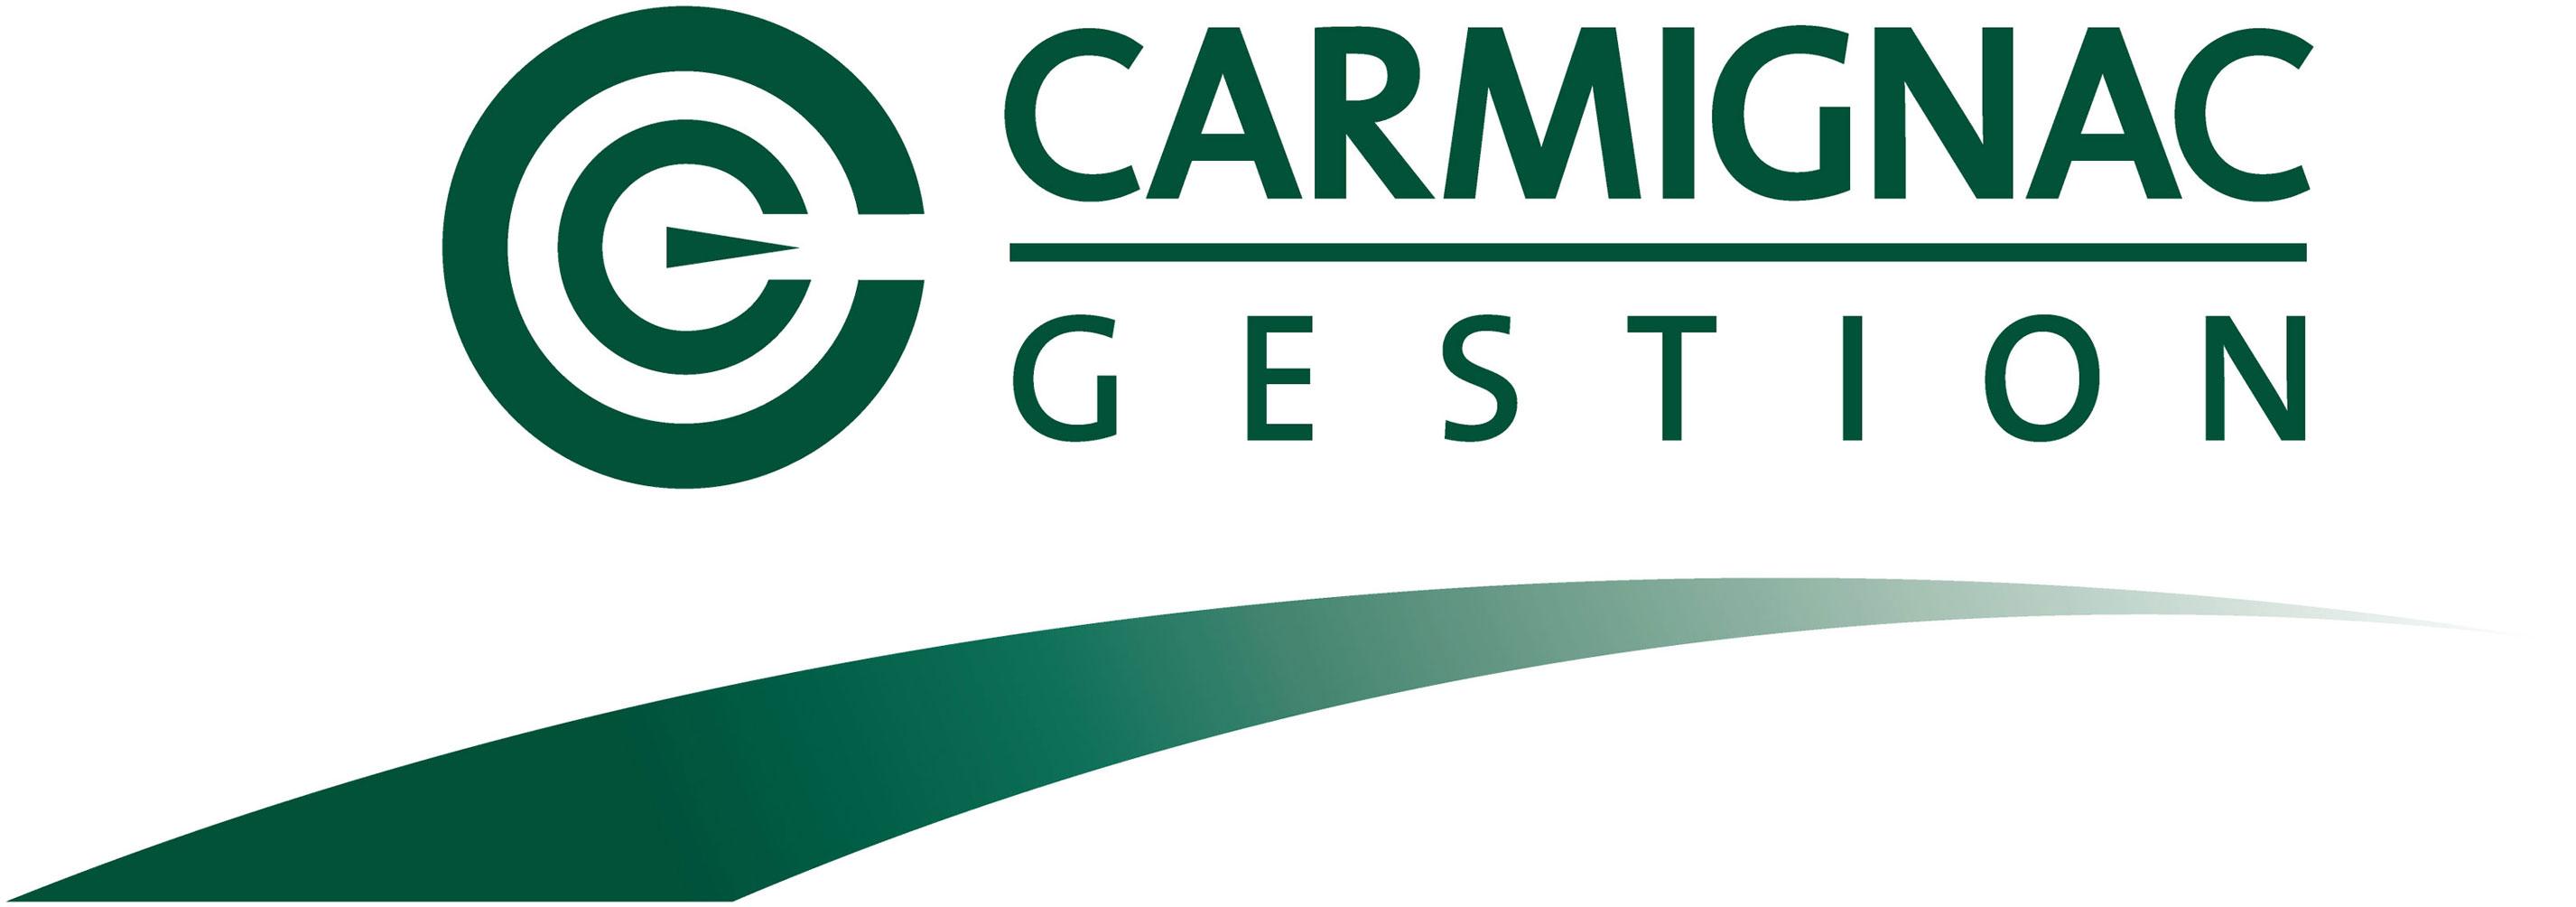 CARMIGNAC GESTION LUXEMBOURG